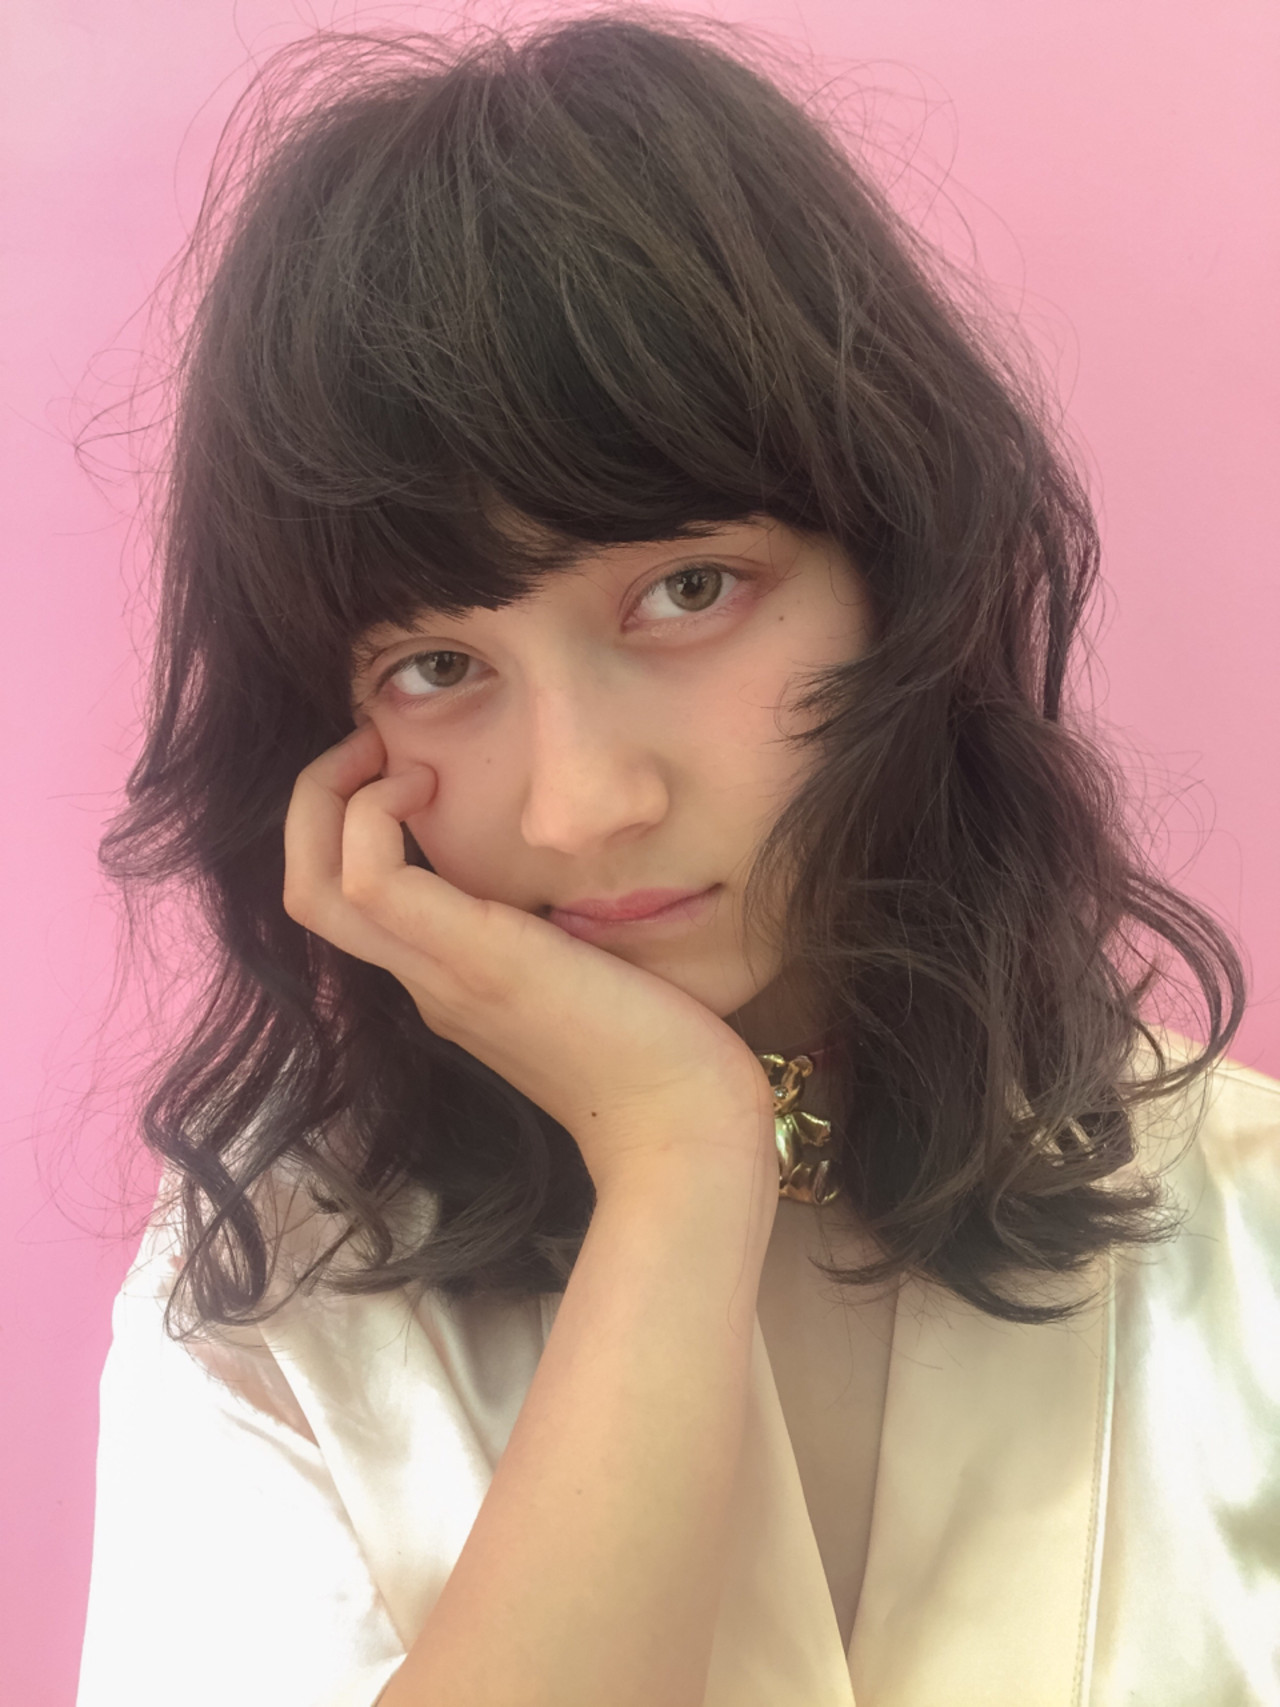 ミディアム ガーリー 外国人風 アッシュヘアスタイルや髪型の写真・画像